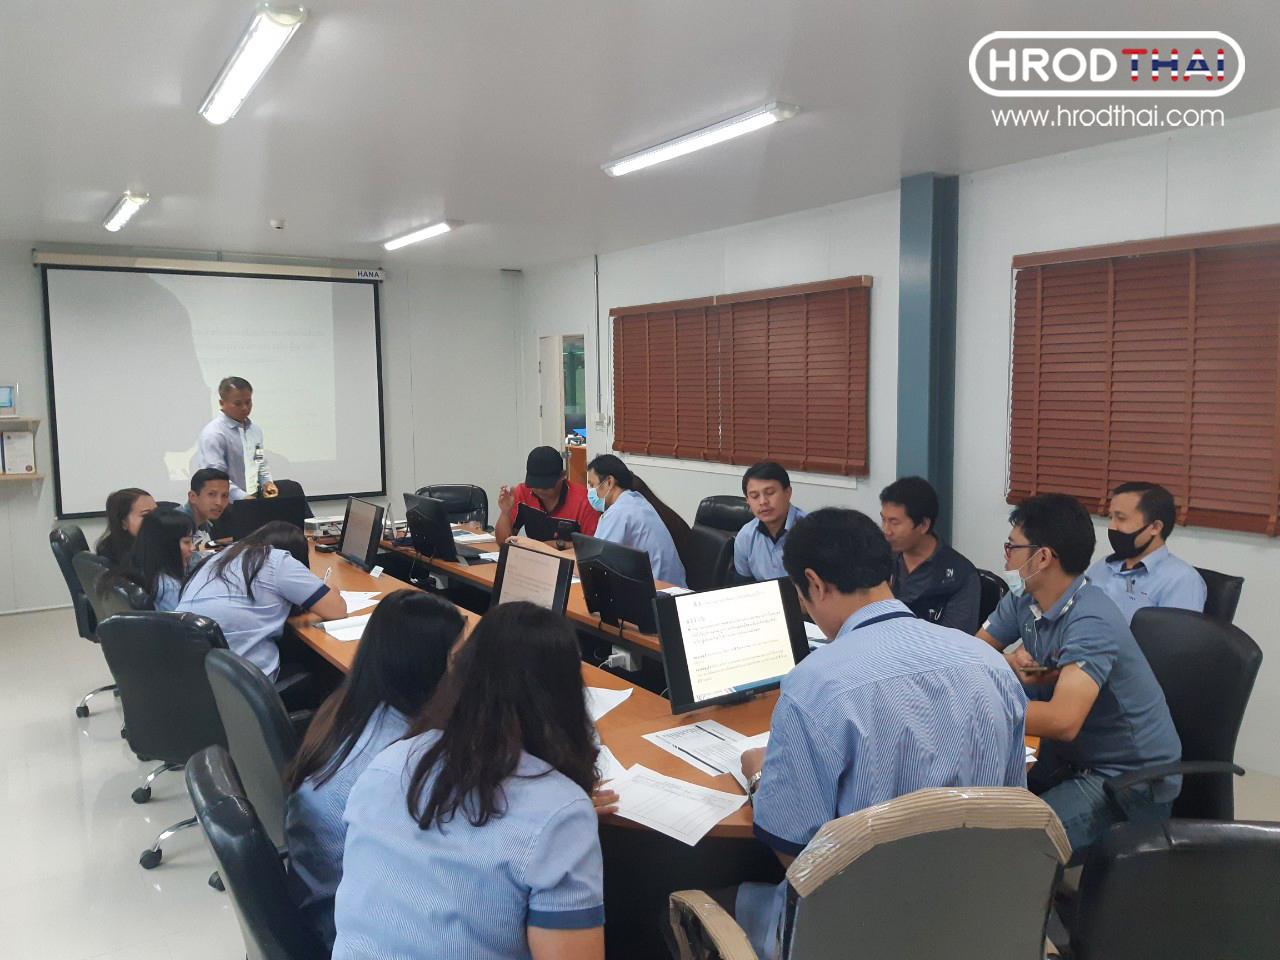 อบรม ISO 90012015 จ.ชลบุรี 07 16.10.63